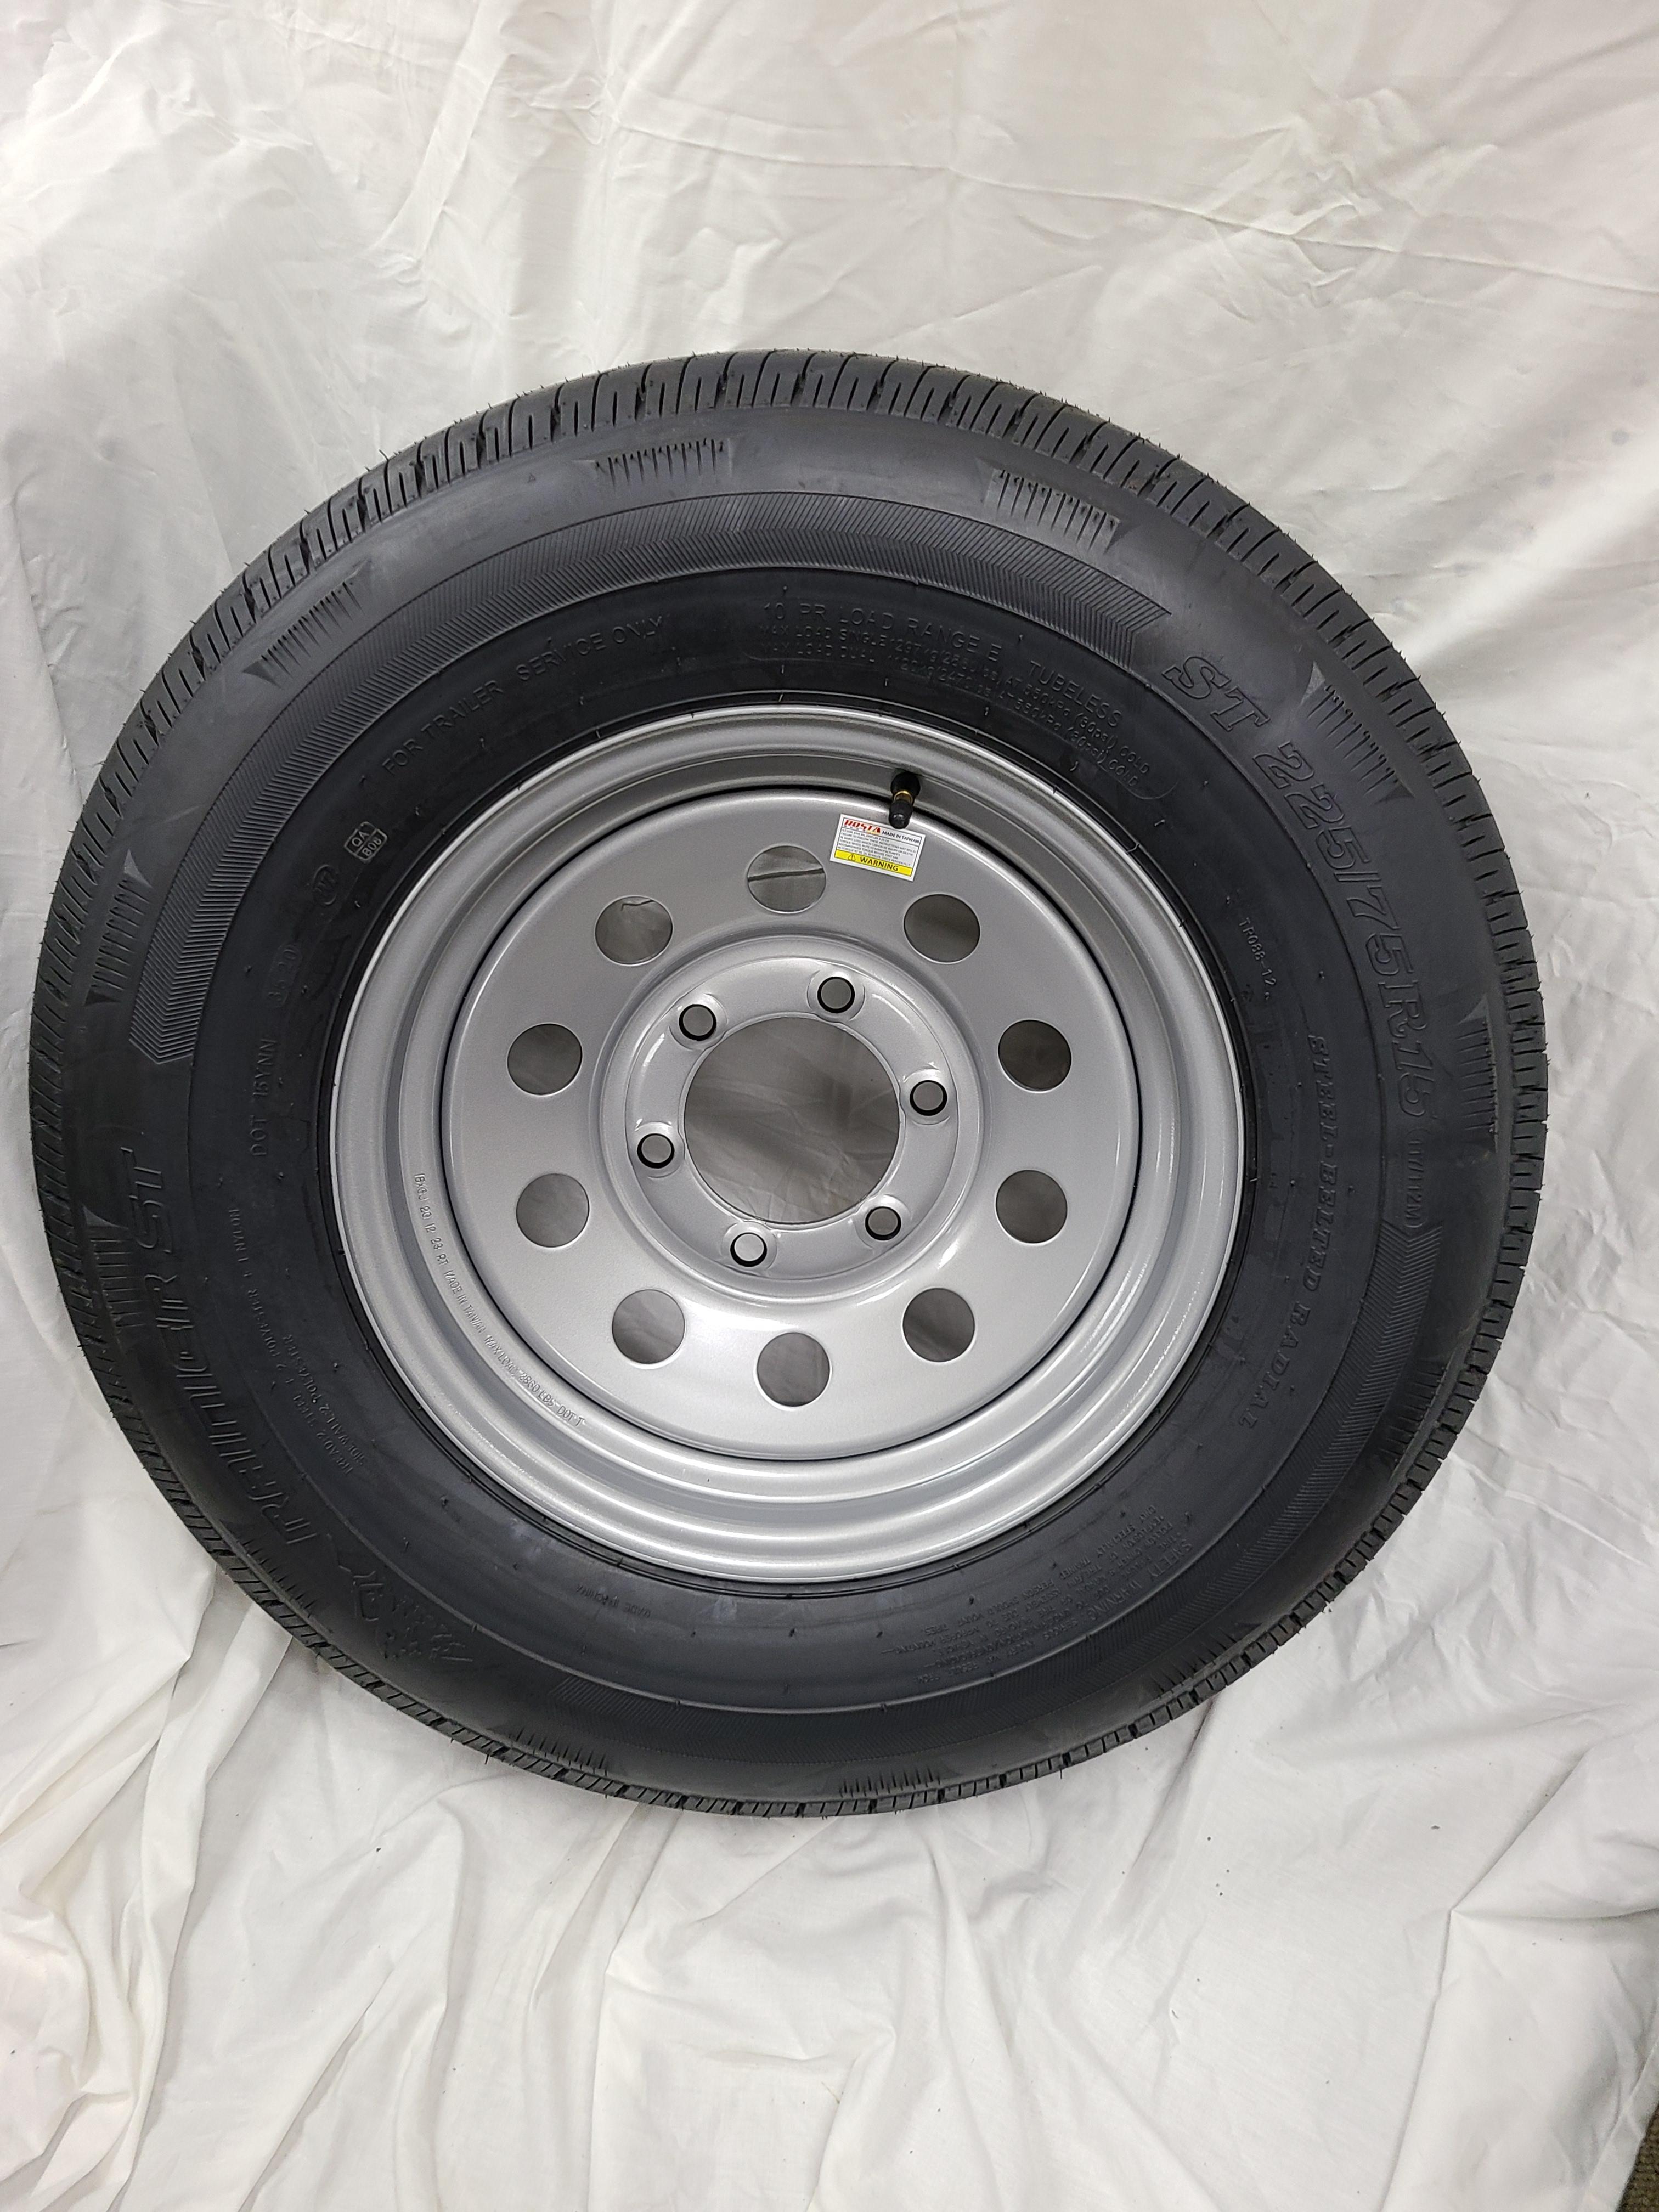 ST225/75/R15 Load Range E 6 Lug Silver Mod Wheel